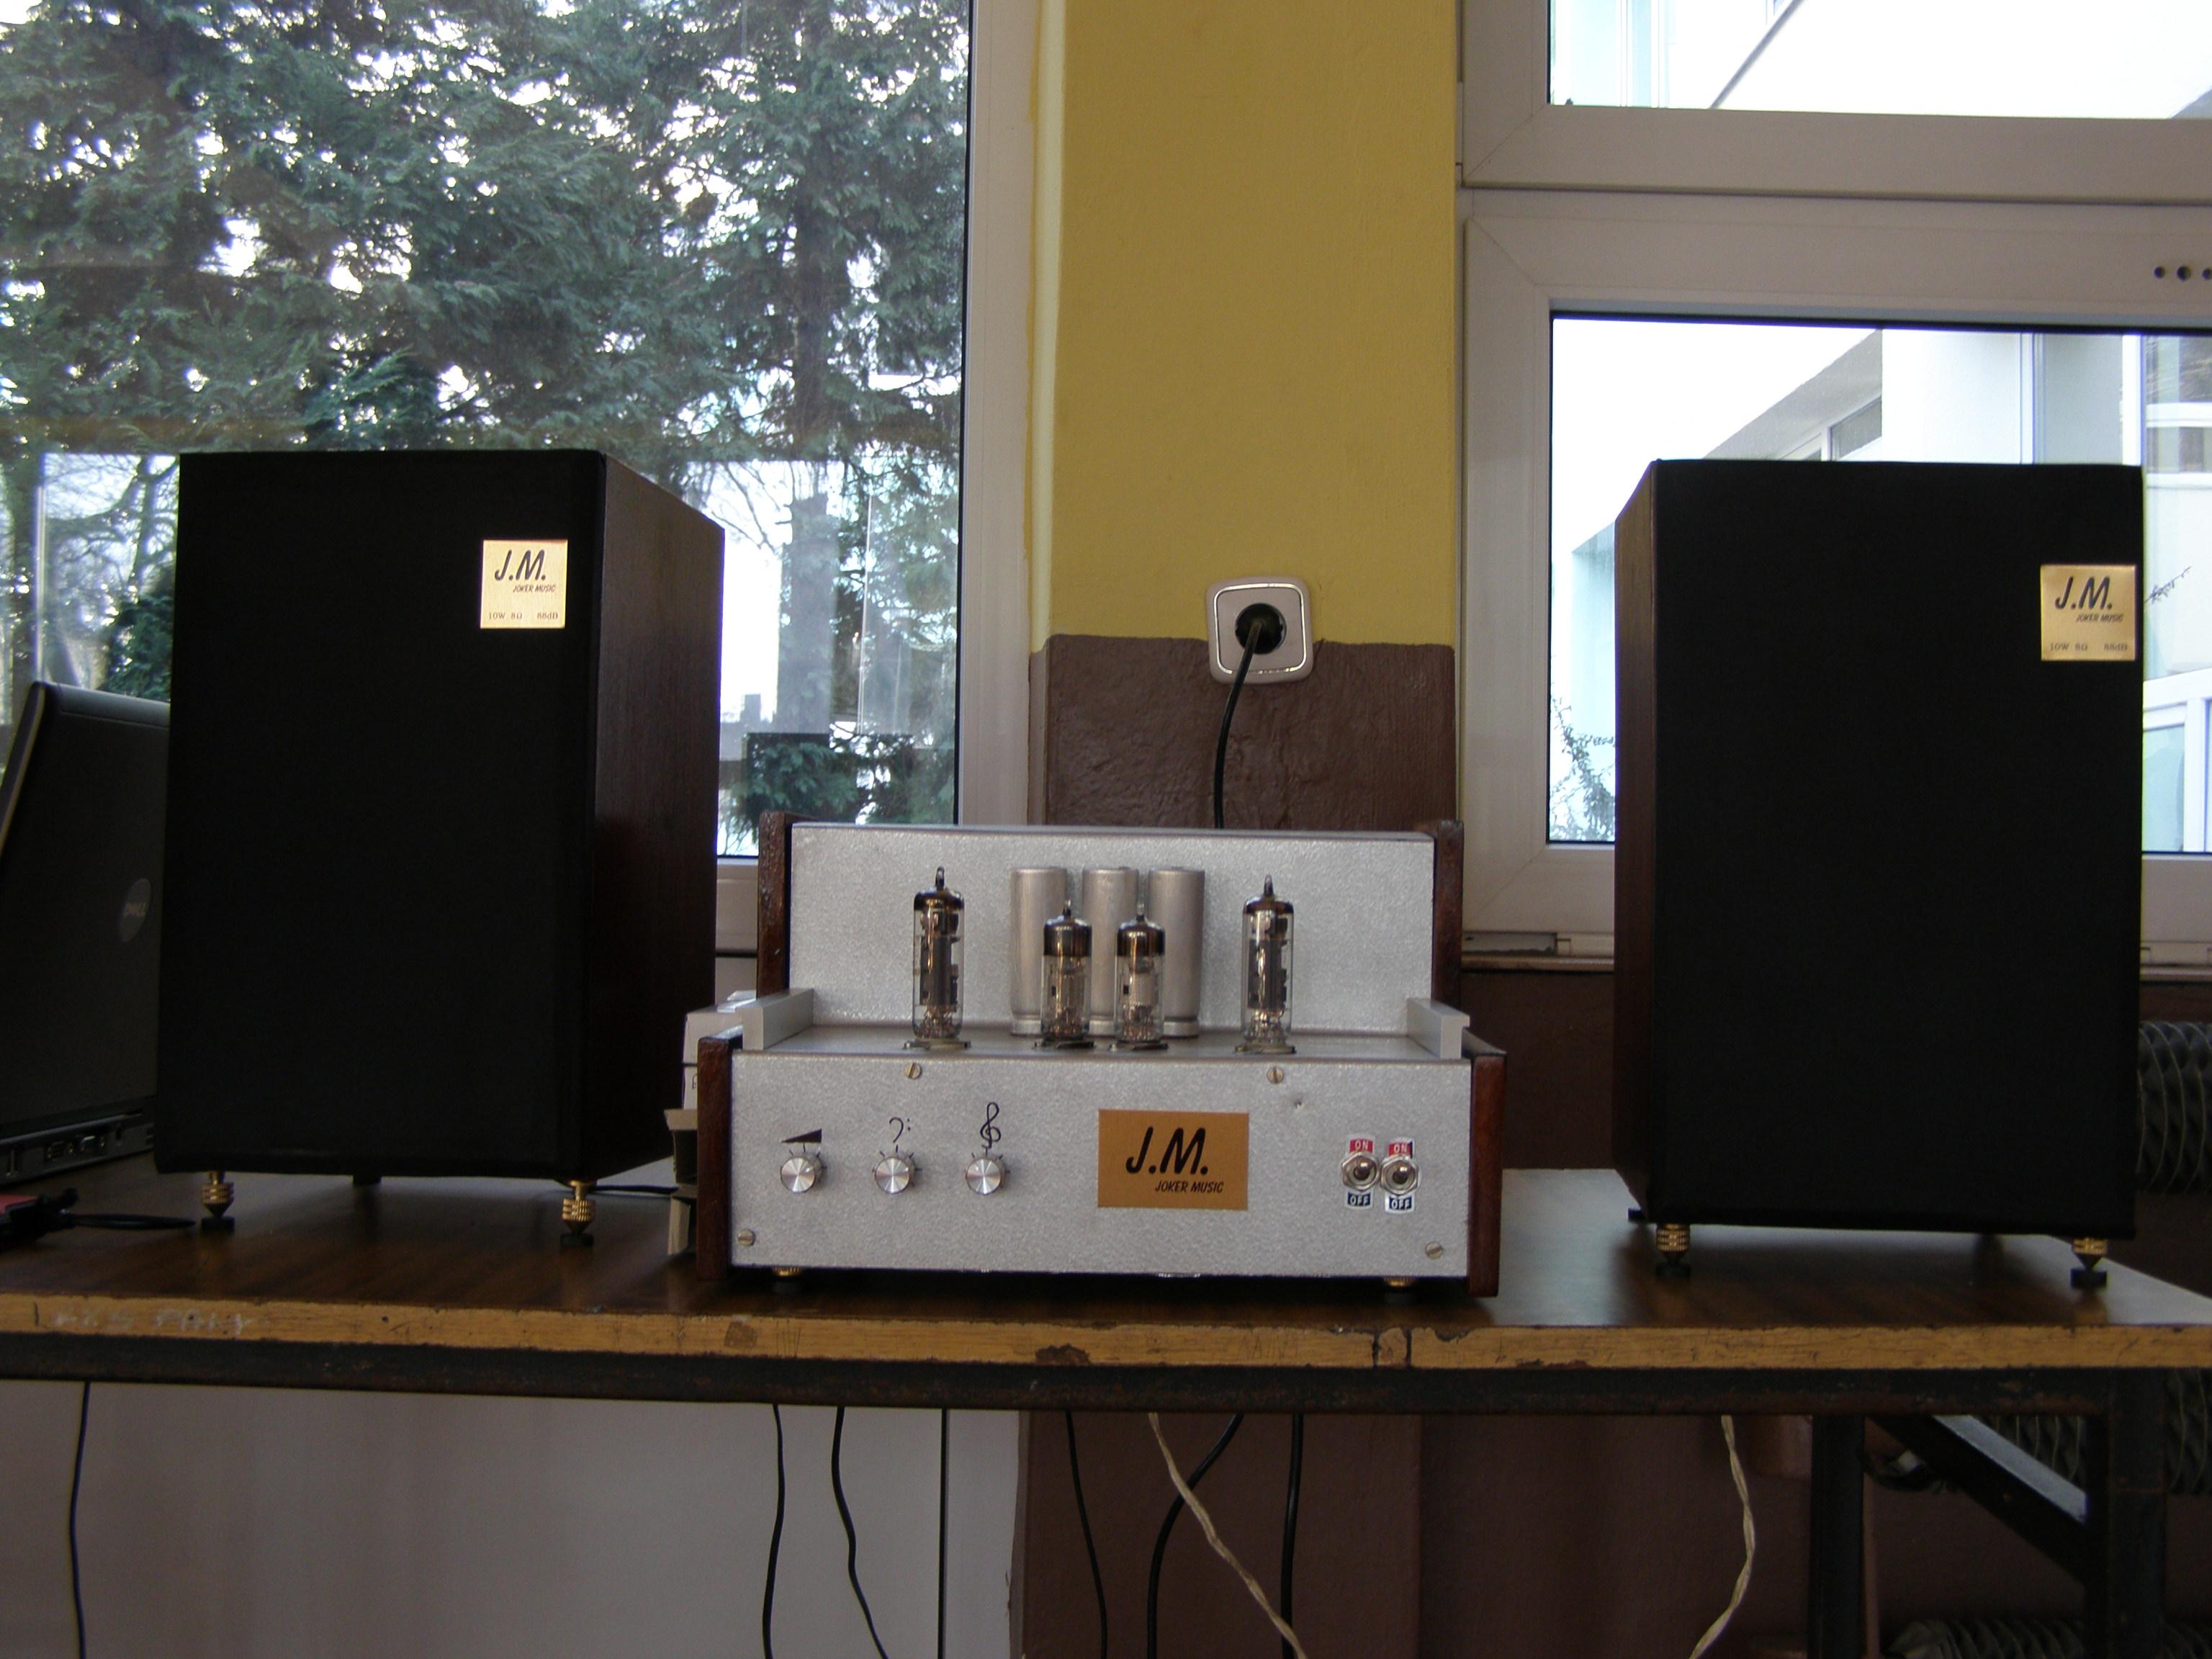 Bud�etowy wzmacniacz lampowy stereofoniczny ECL86 i EF80